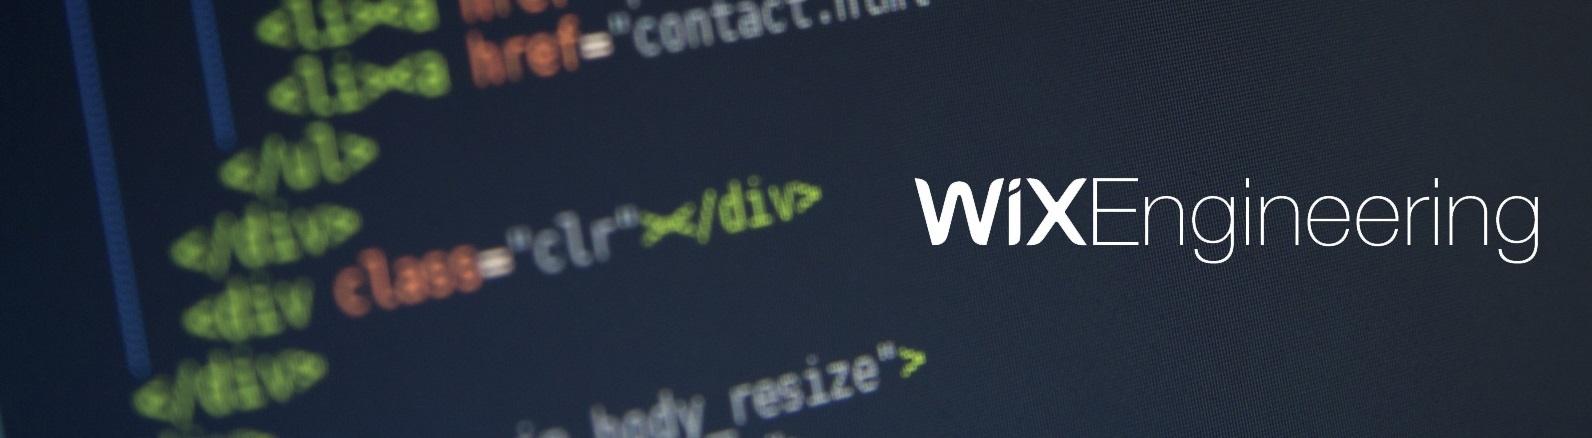 Масштабирование Wix до 100 миллионов пользователей. Начало - 1